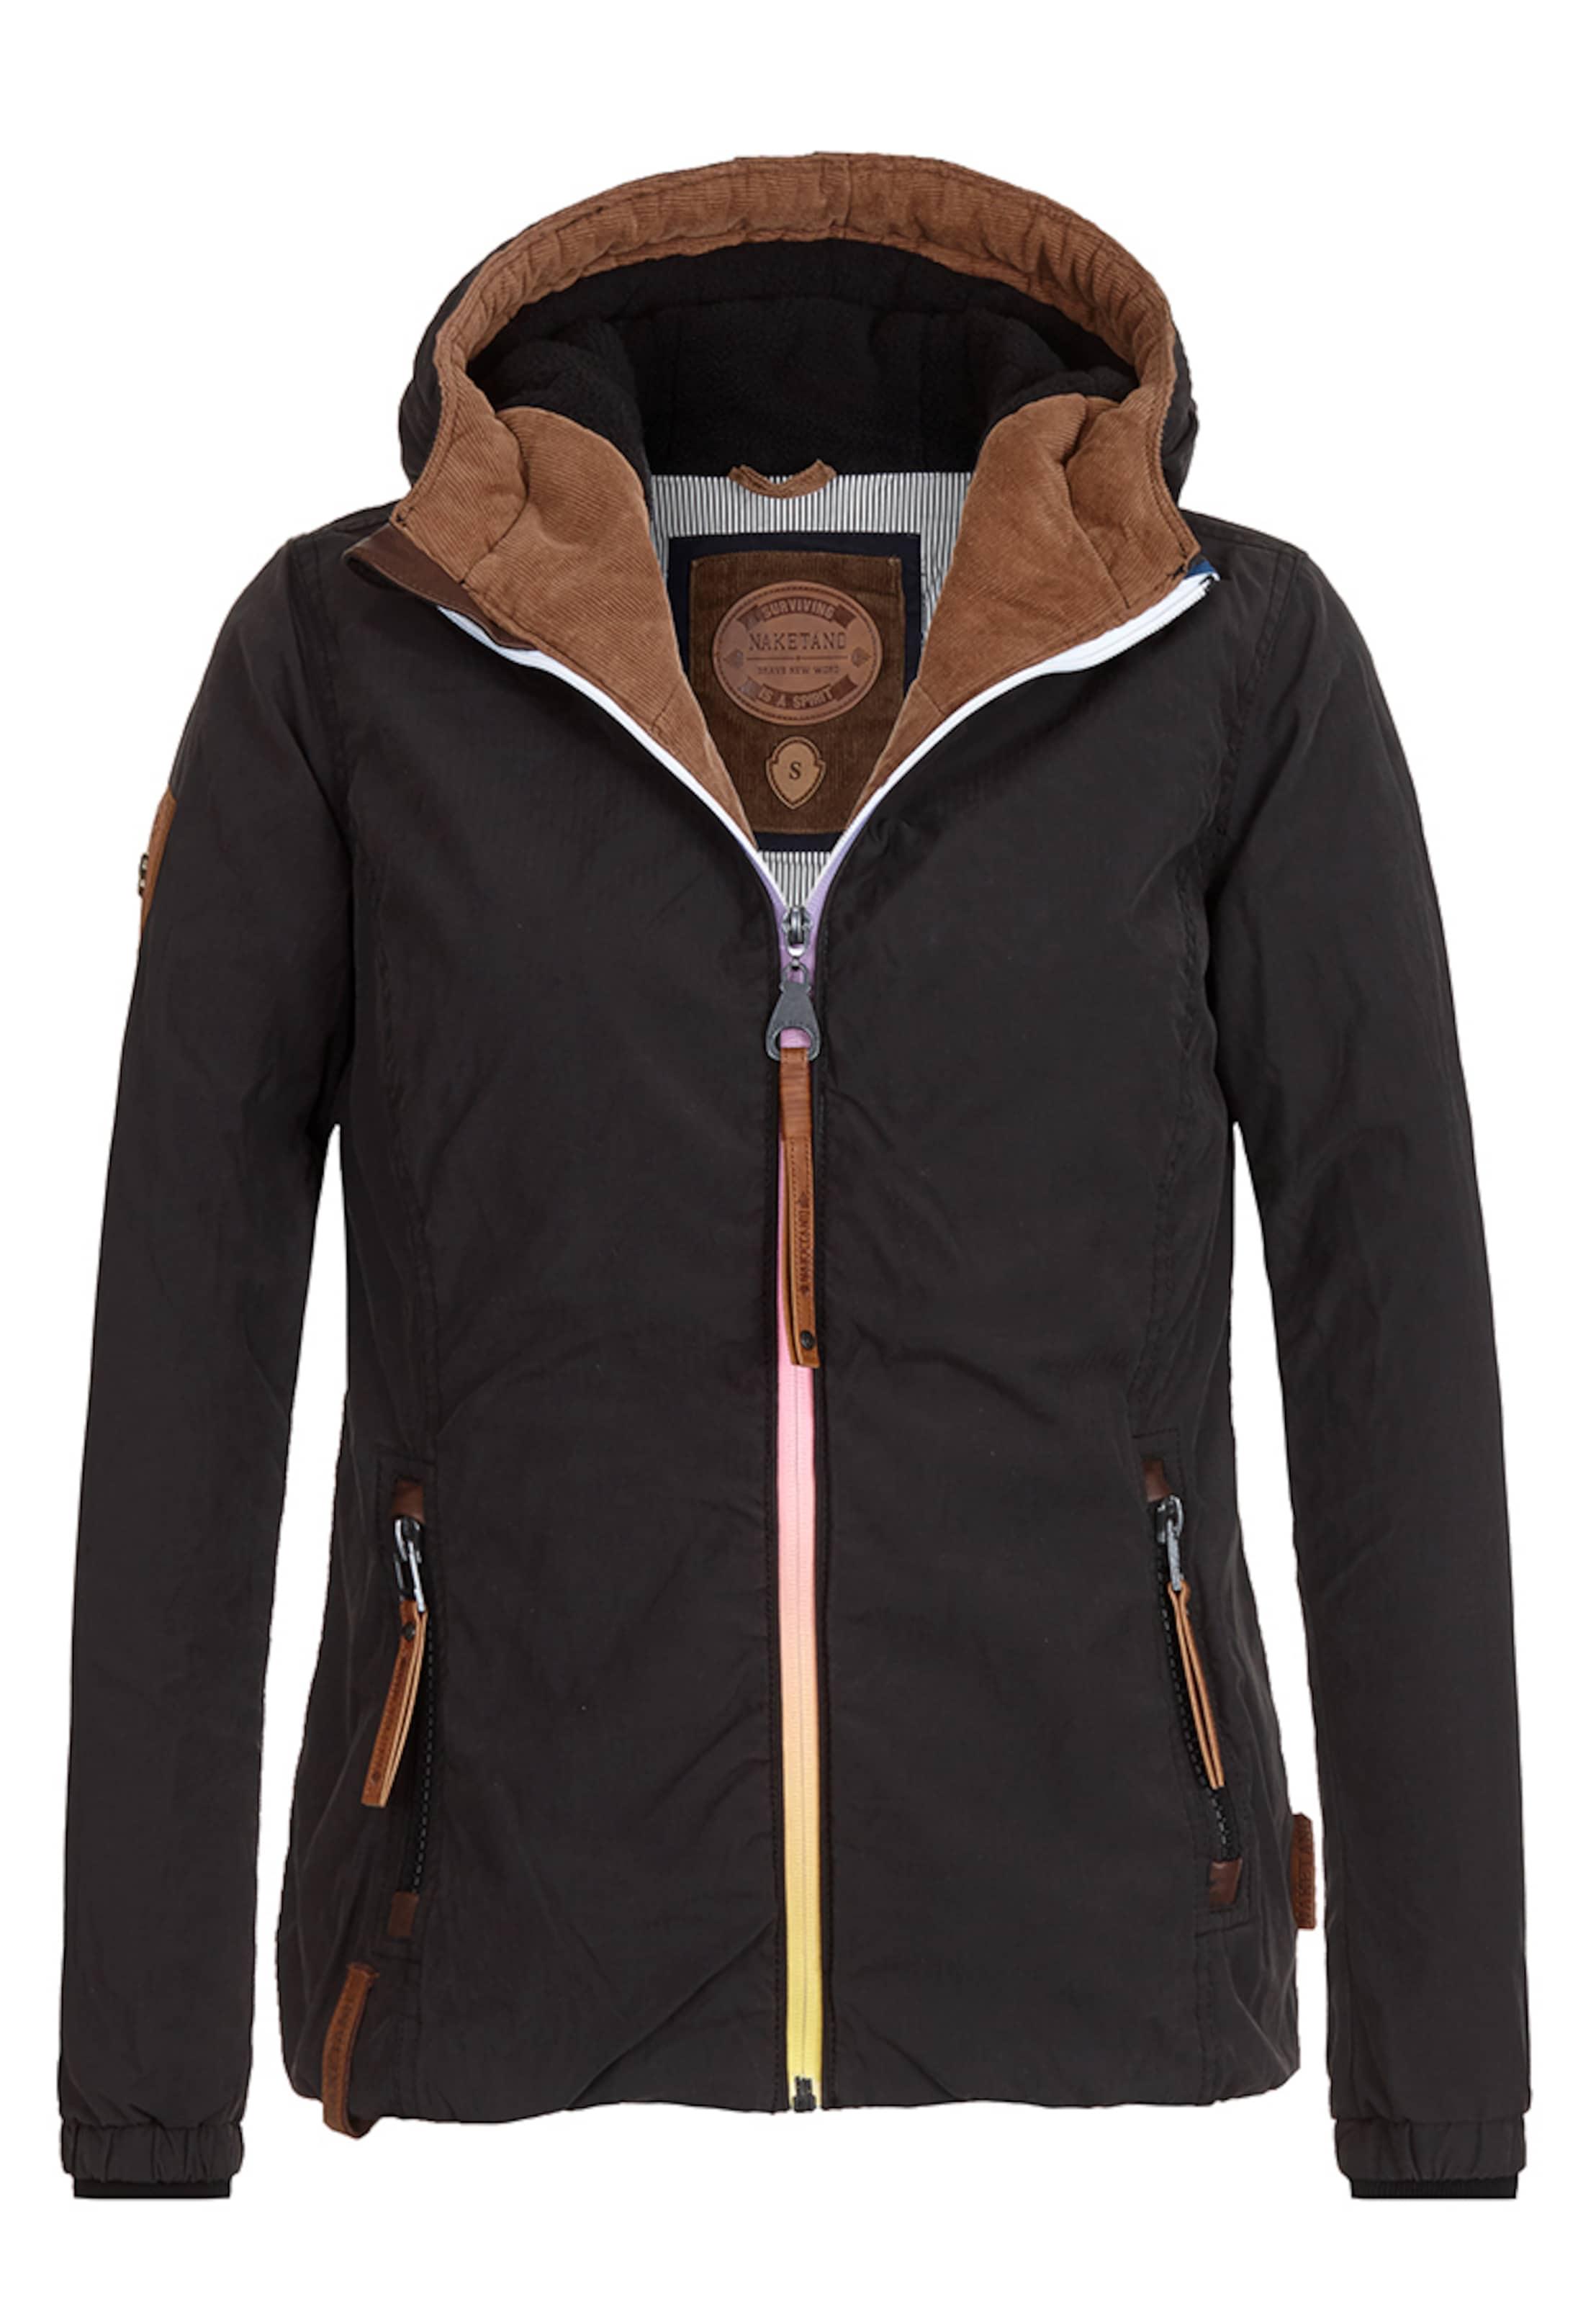 Billige Sast naketano Female Jacket 'Du bist hier in Werl!' Für Schön Gutes Verkauf Günstiger Preis Erkunden Billig 2018 Q9GWE